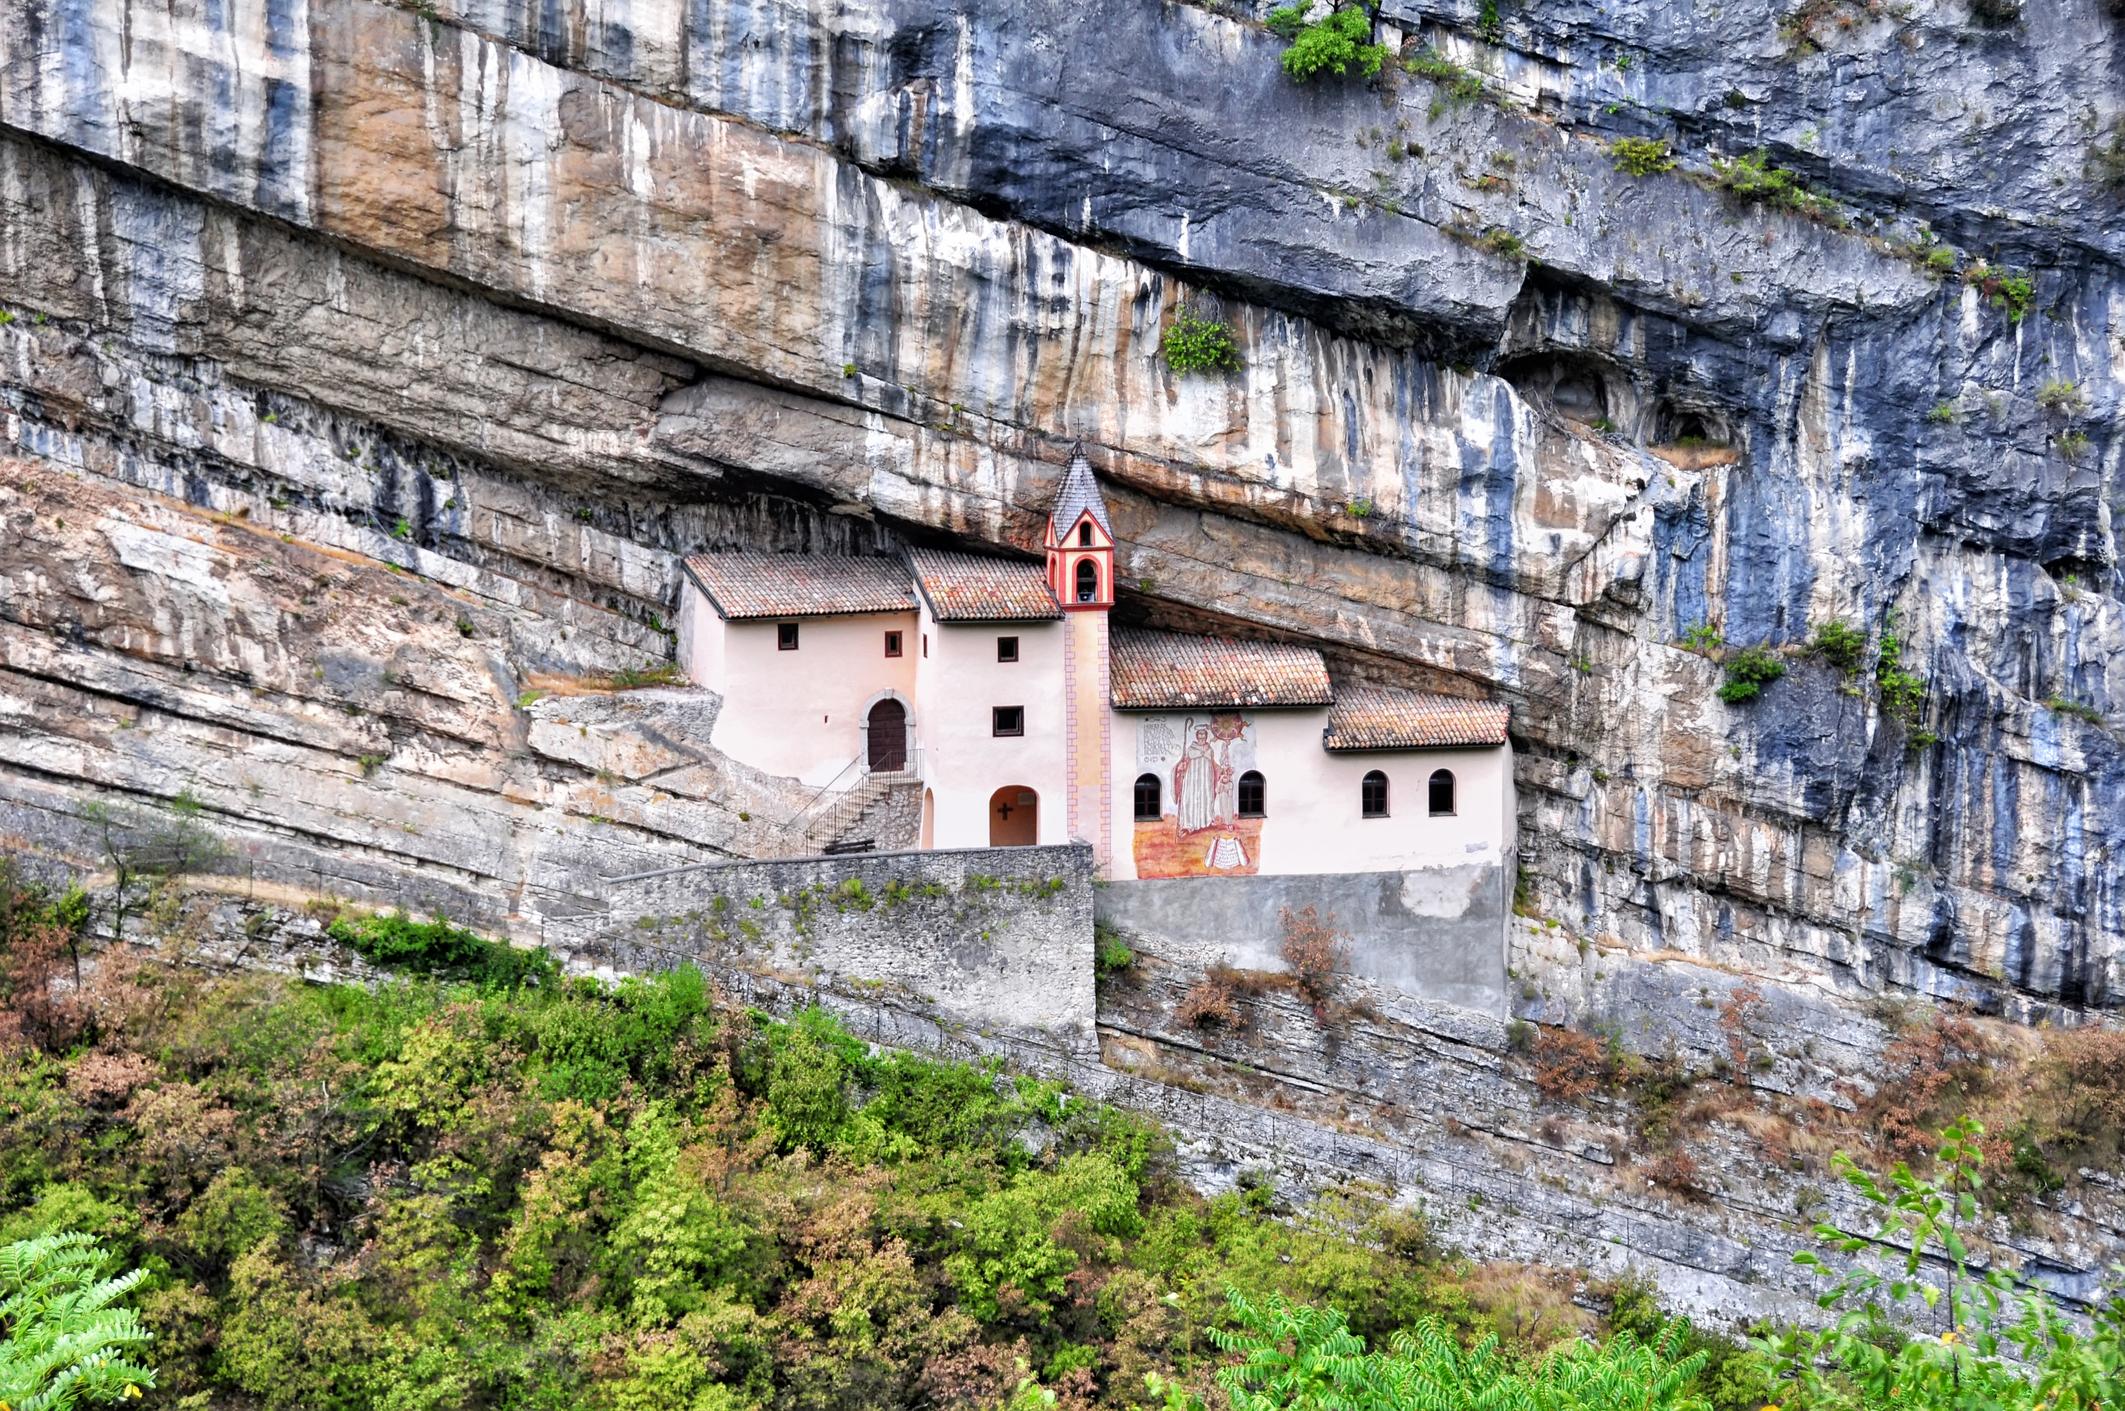 Le 20 chiese nella roccia pi belle d 39 italia secondo for 3 case di storia in california